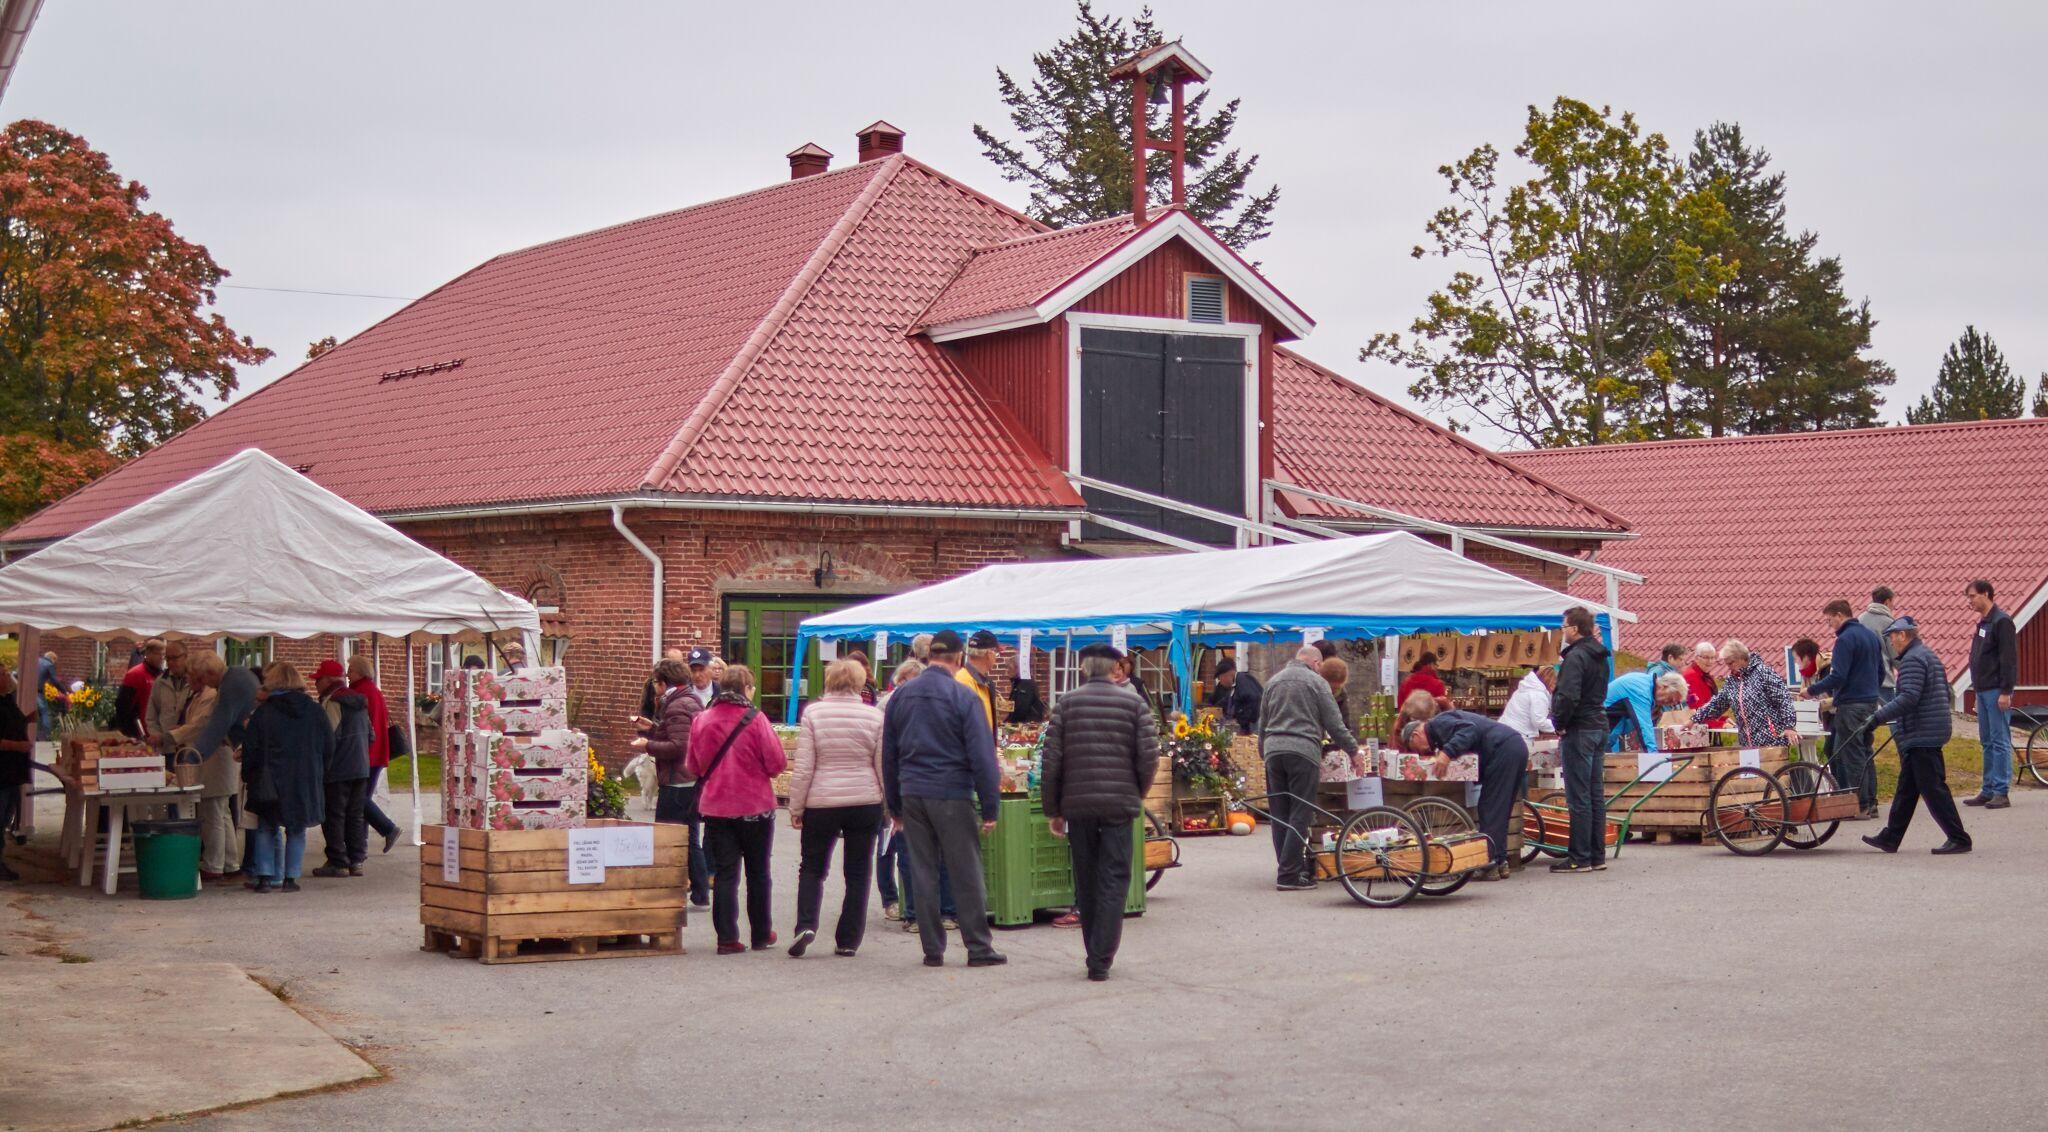 Marknadsstånd framför en byggnad. Mycket folk rör sig.